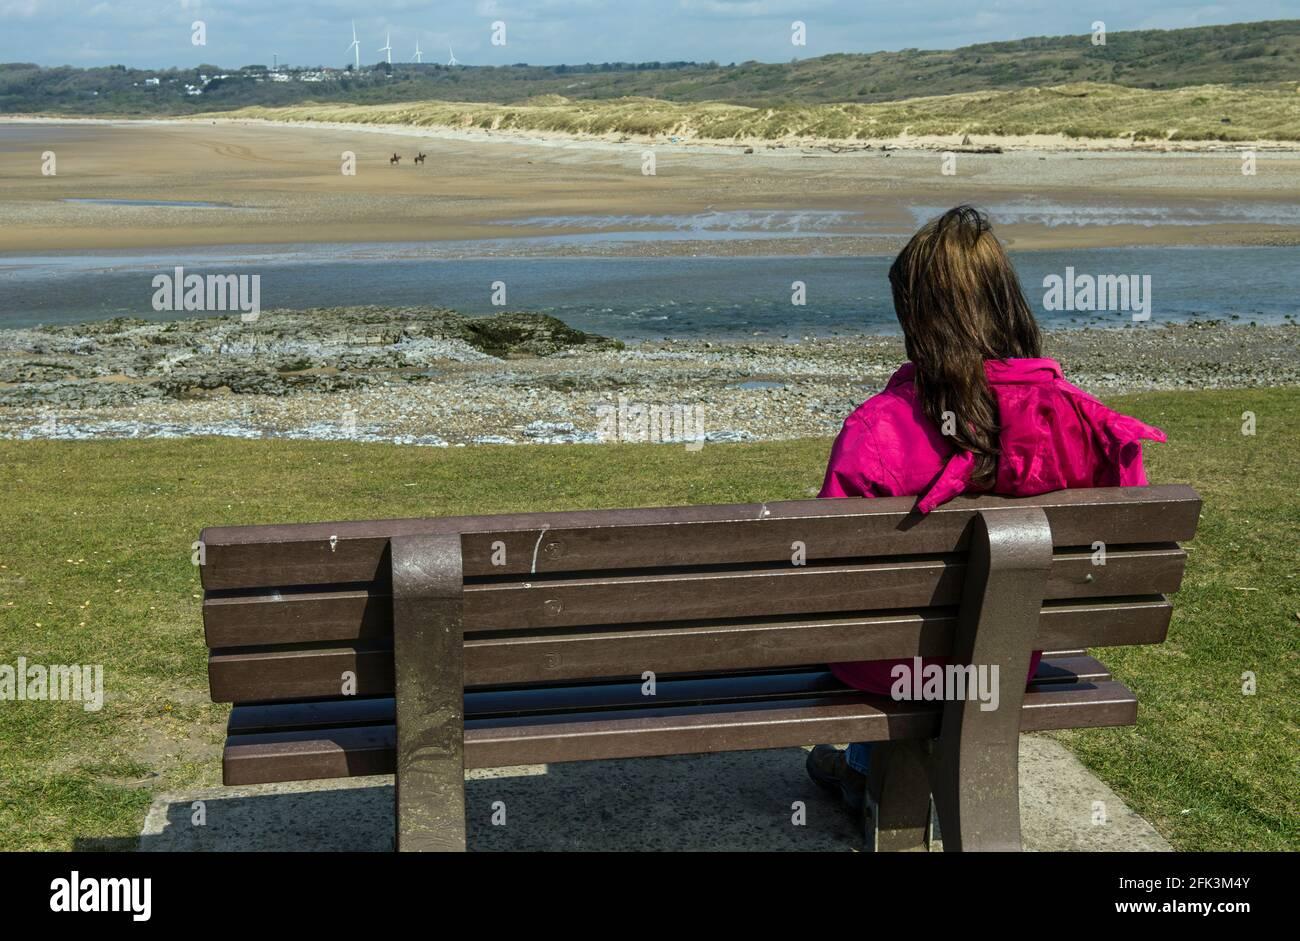 Señora mirando al otro lado del estuario del río Ogmore en Ogmore by Sea en la Costa de la Herencia de Glamourgan, al sur de Gales Foto de stock